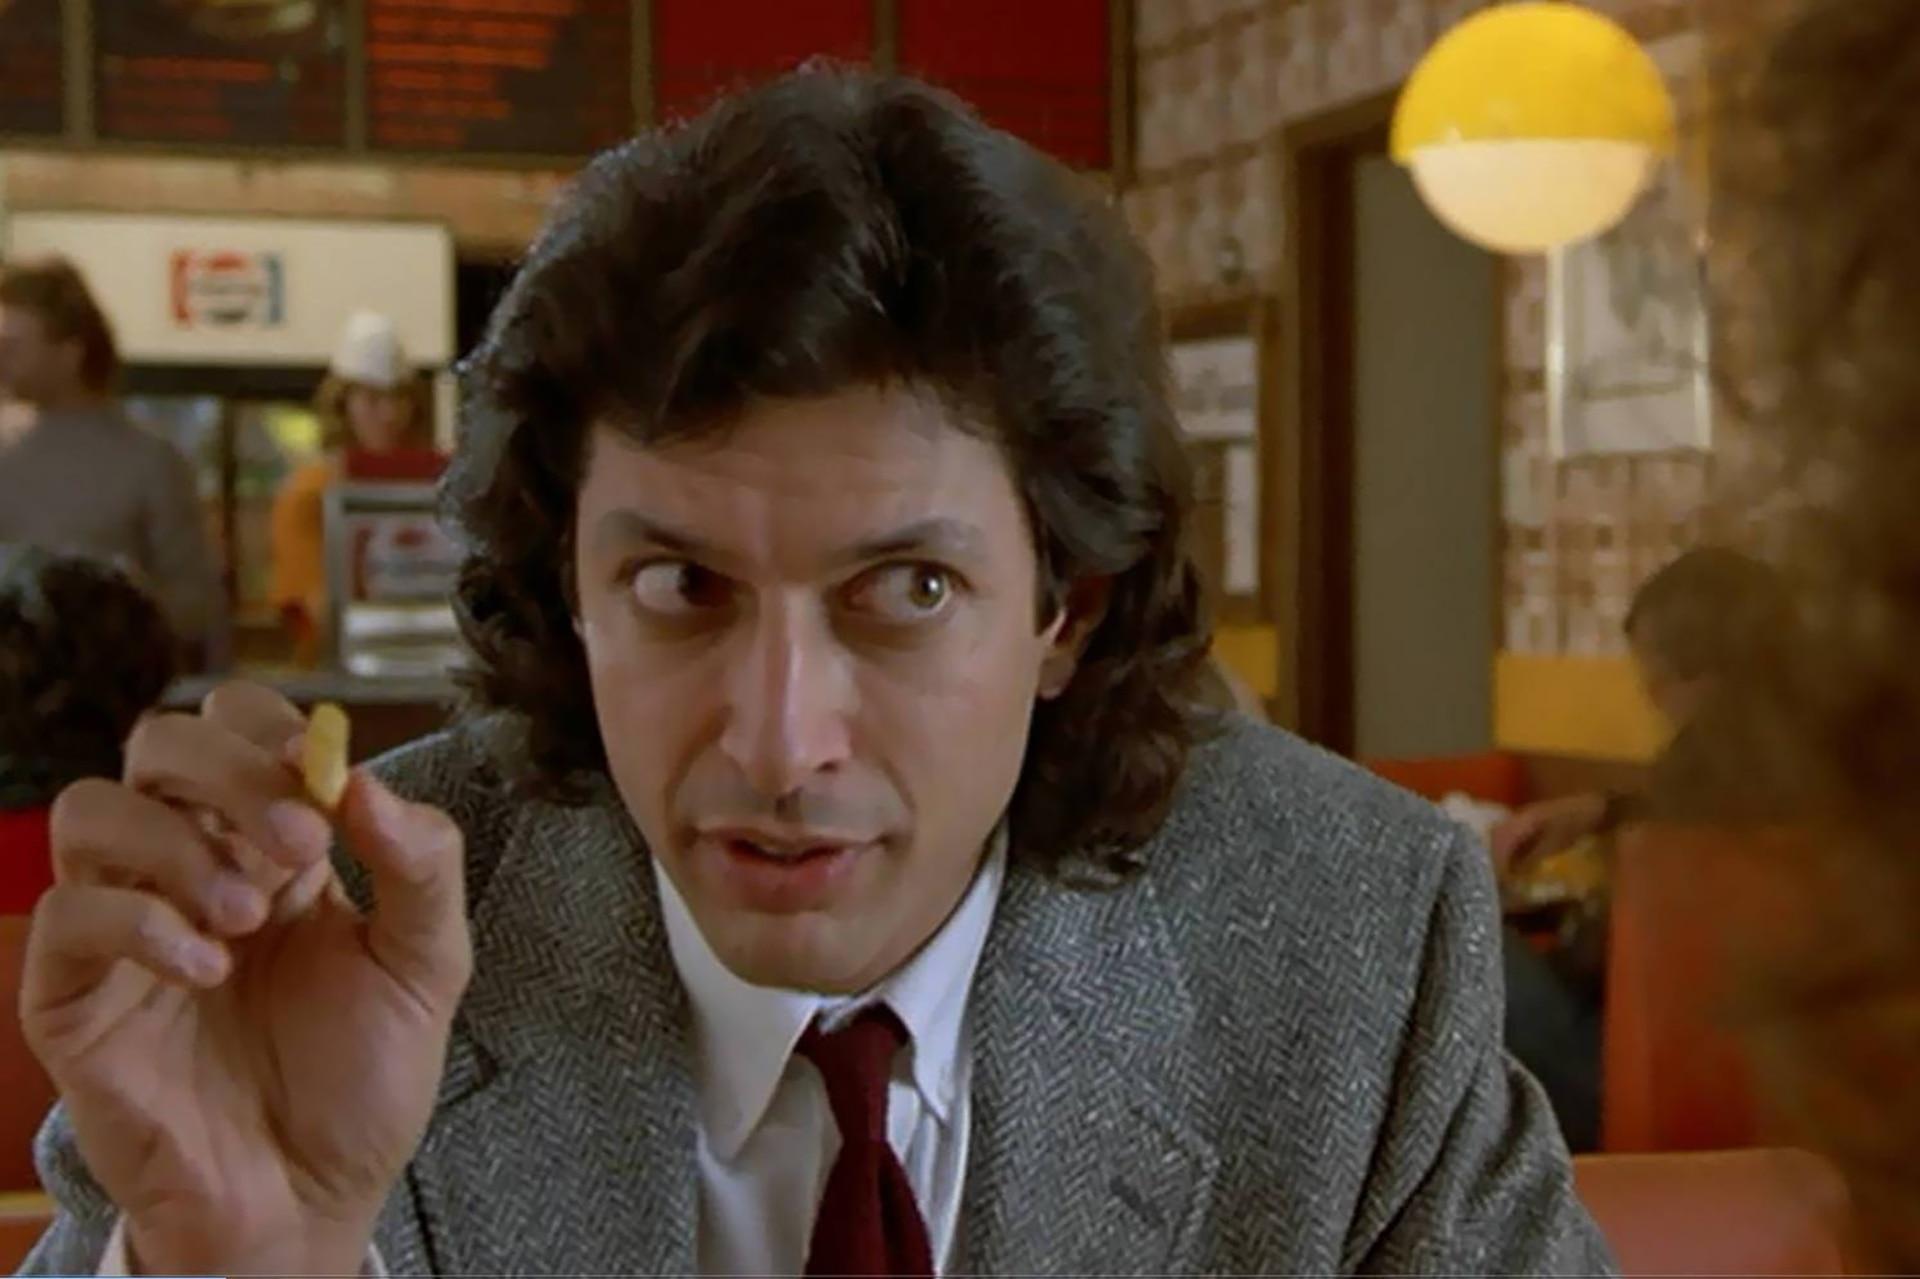 La interpretación de Goldblum es fundamental para sostener la intensidad del relato, que conmueve tres décadas después como a su estreno, en 1986